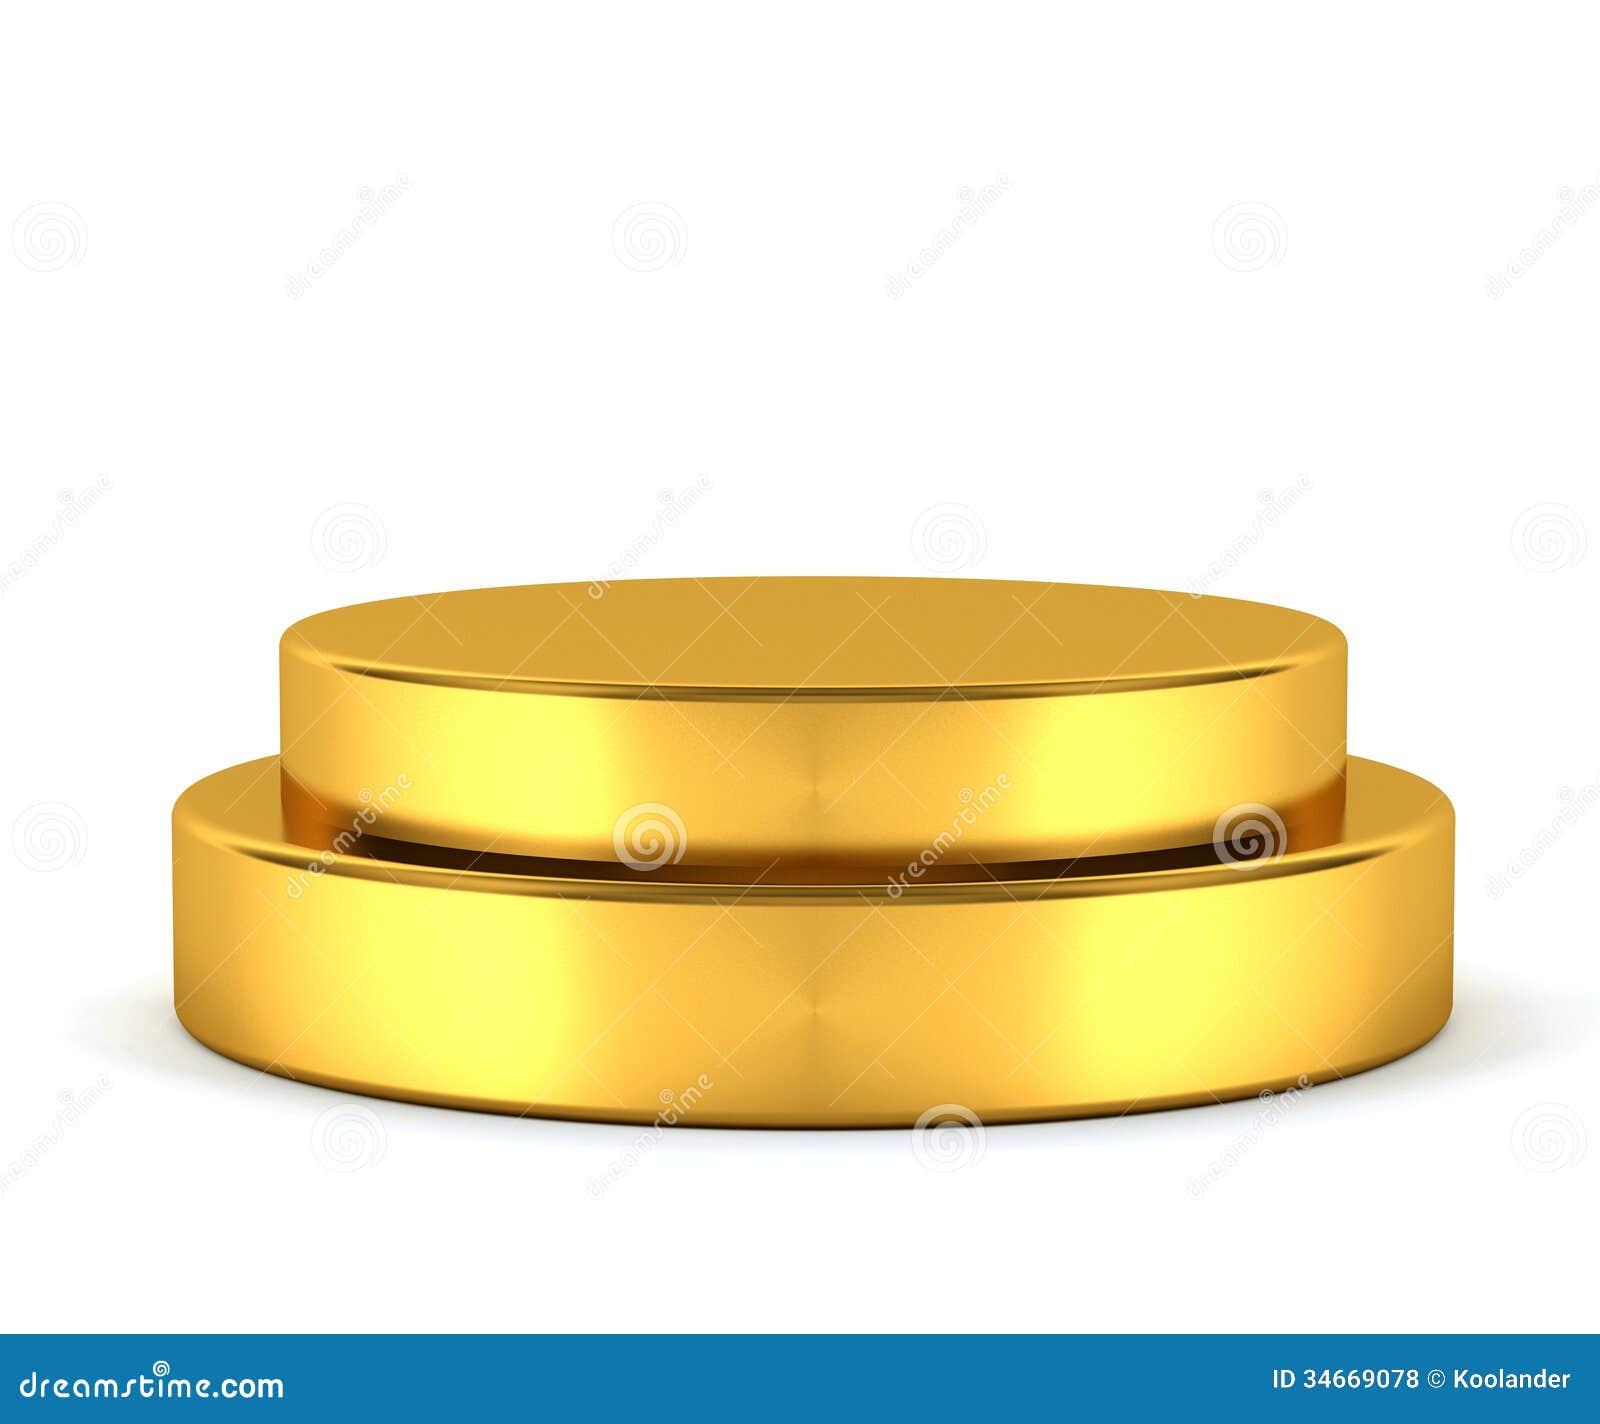 Goldener Sockel - Sieger